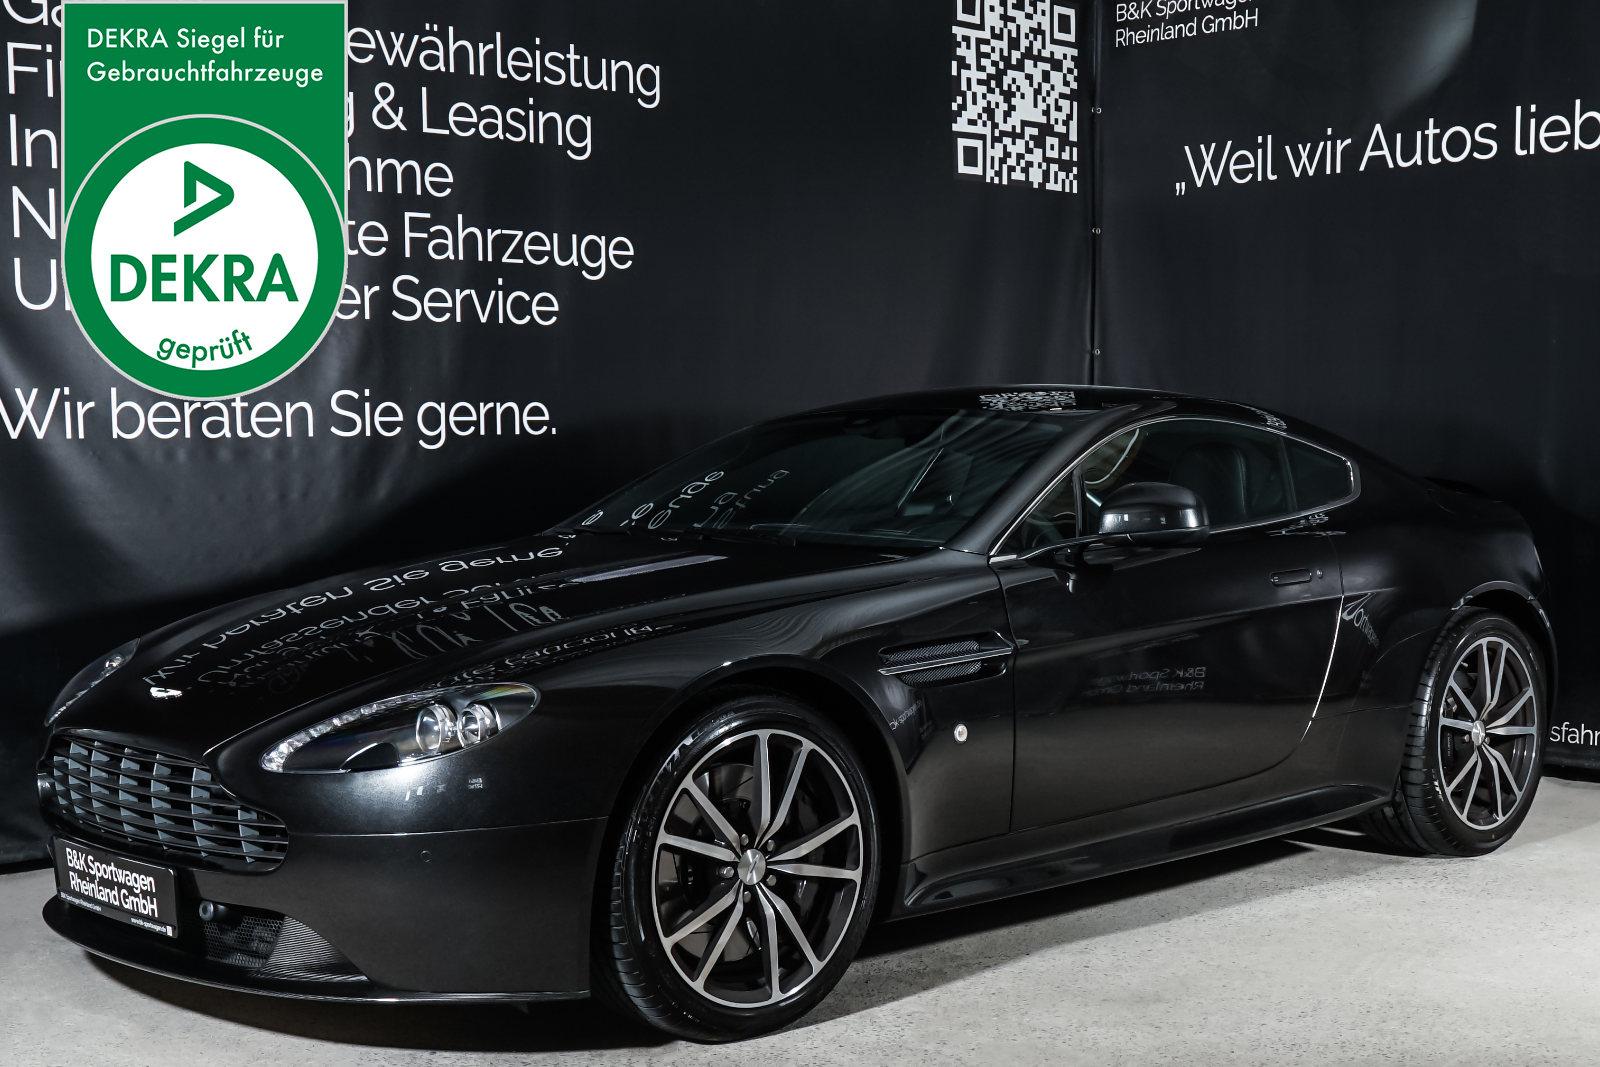 Aston-Martin_V8_Vantage_Schwarz_Schwarz_AM-7942_Plakette_w